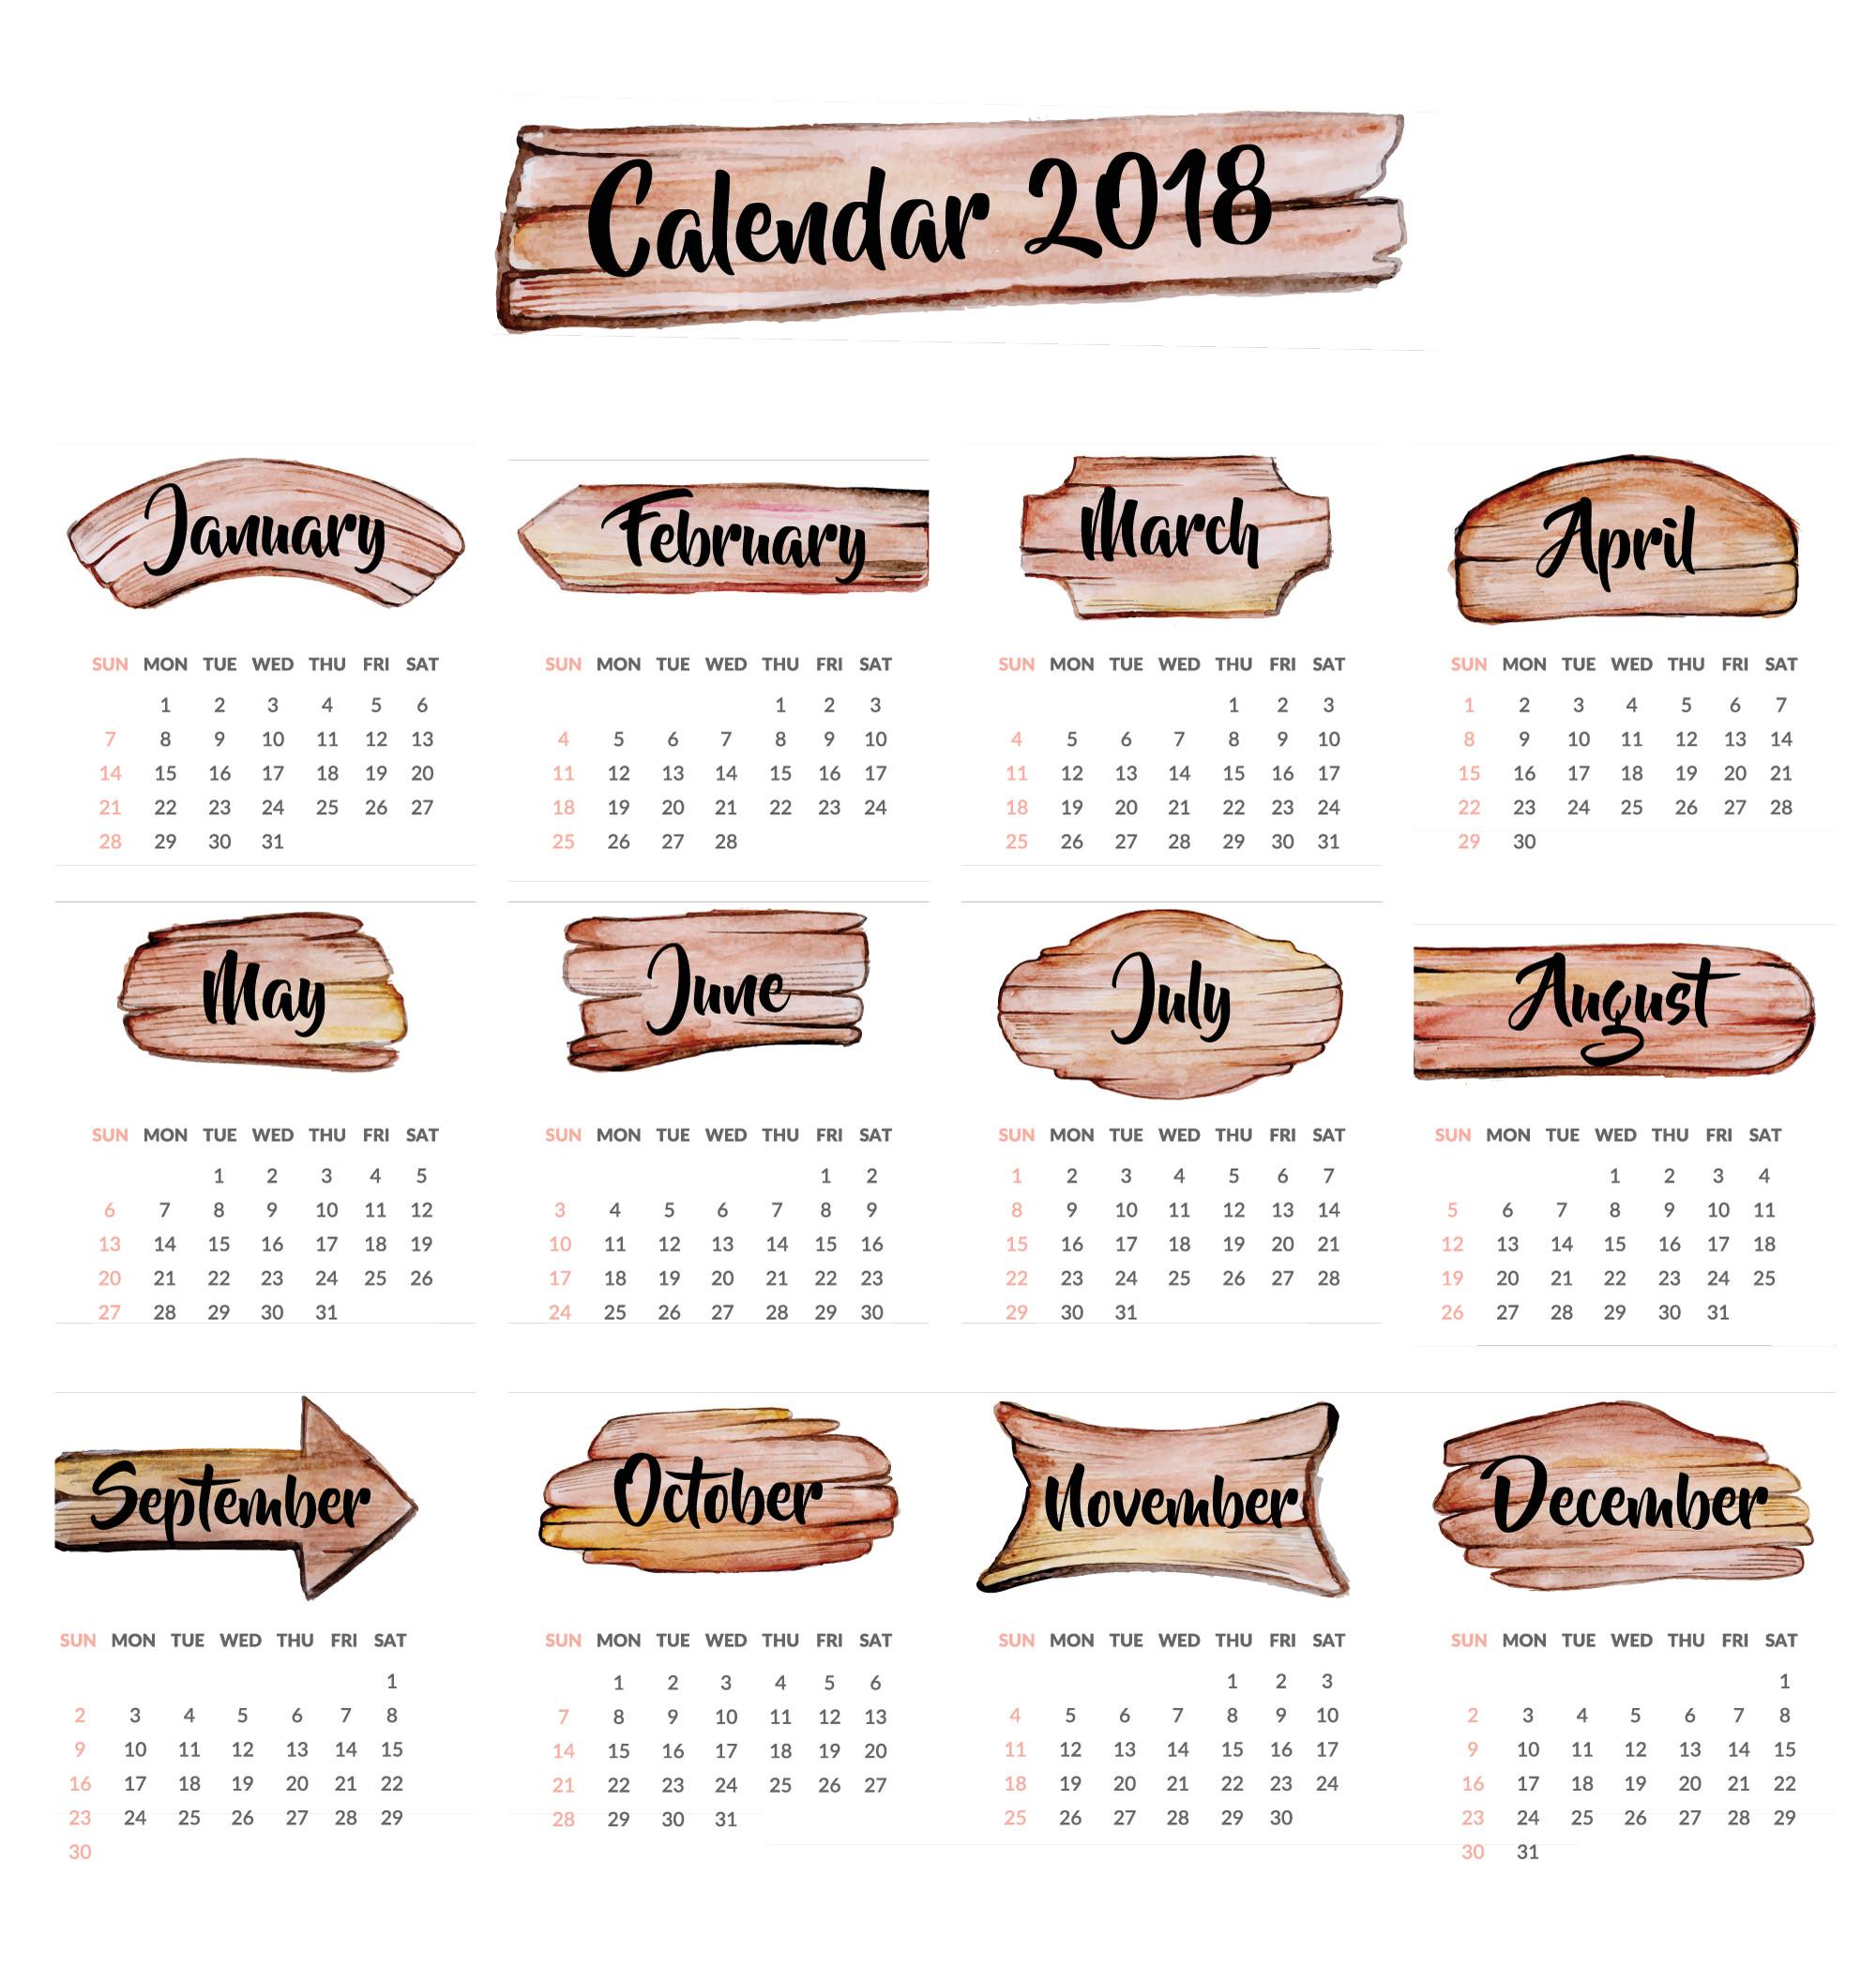 Calendar Hd Wallpaper : Wallpapers with calendar ·①